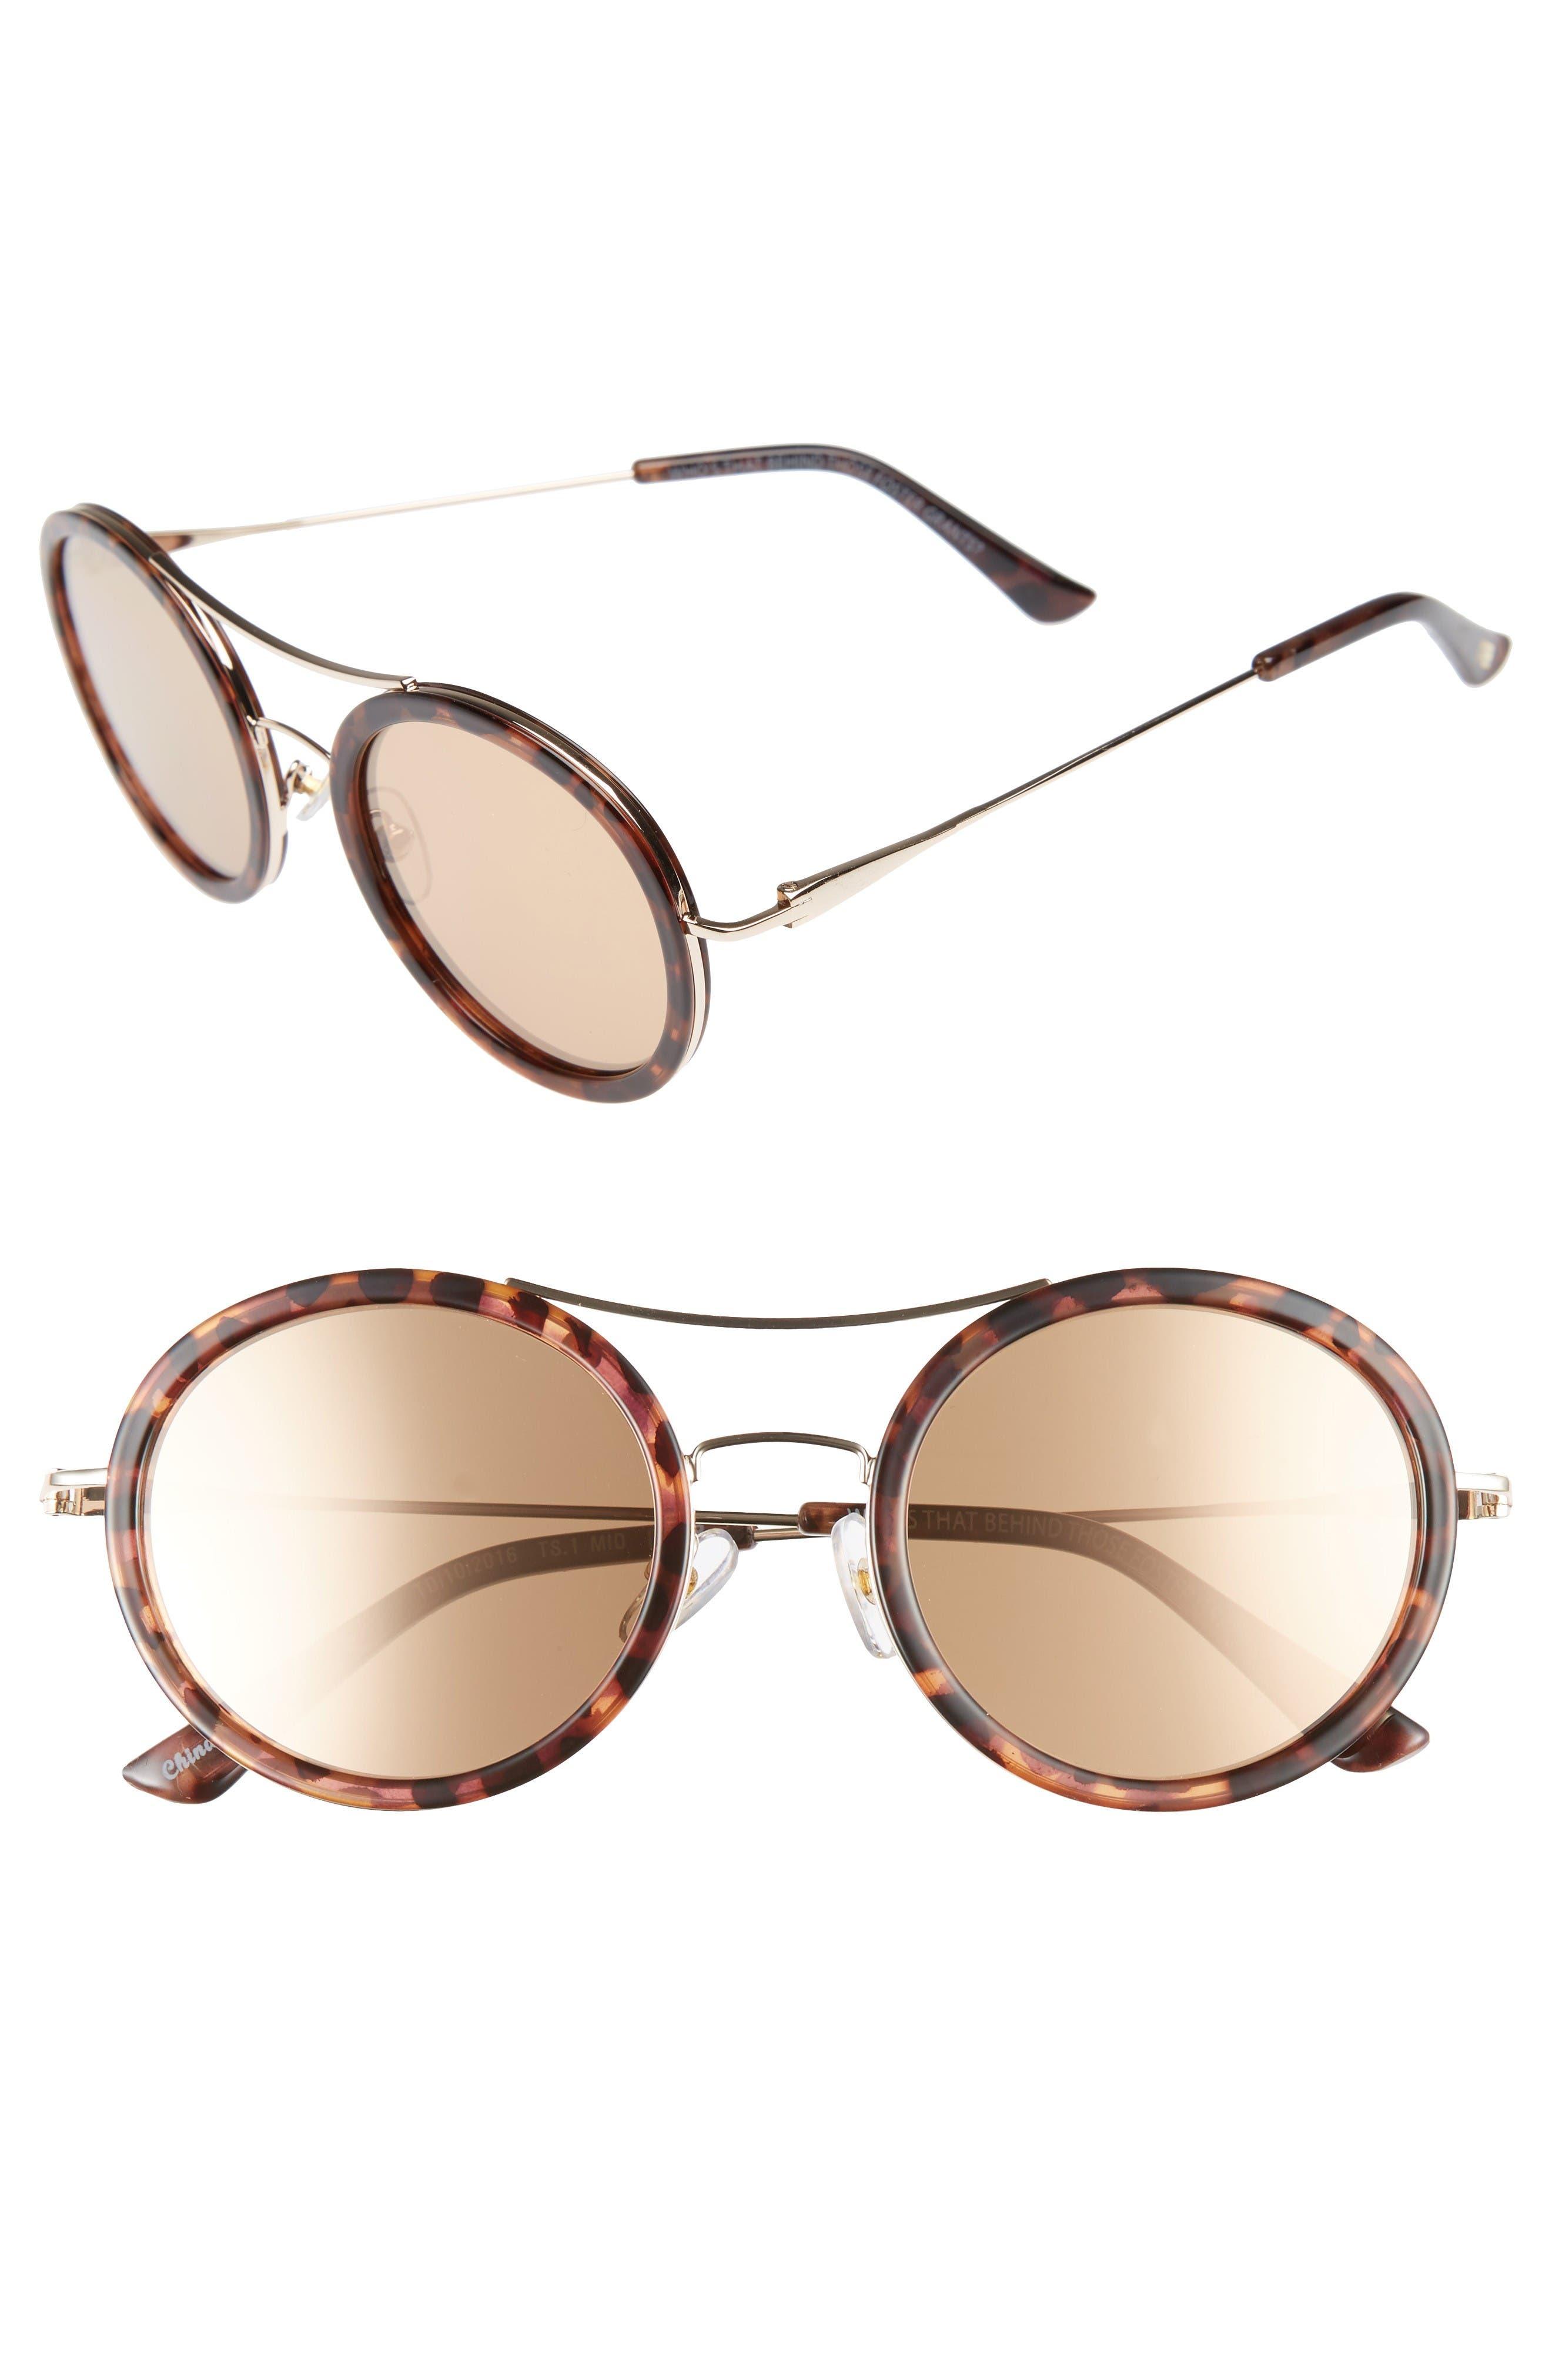 ITEM 8 TS.1 50mm Sunglasses